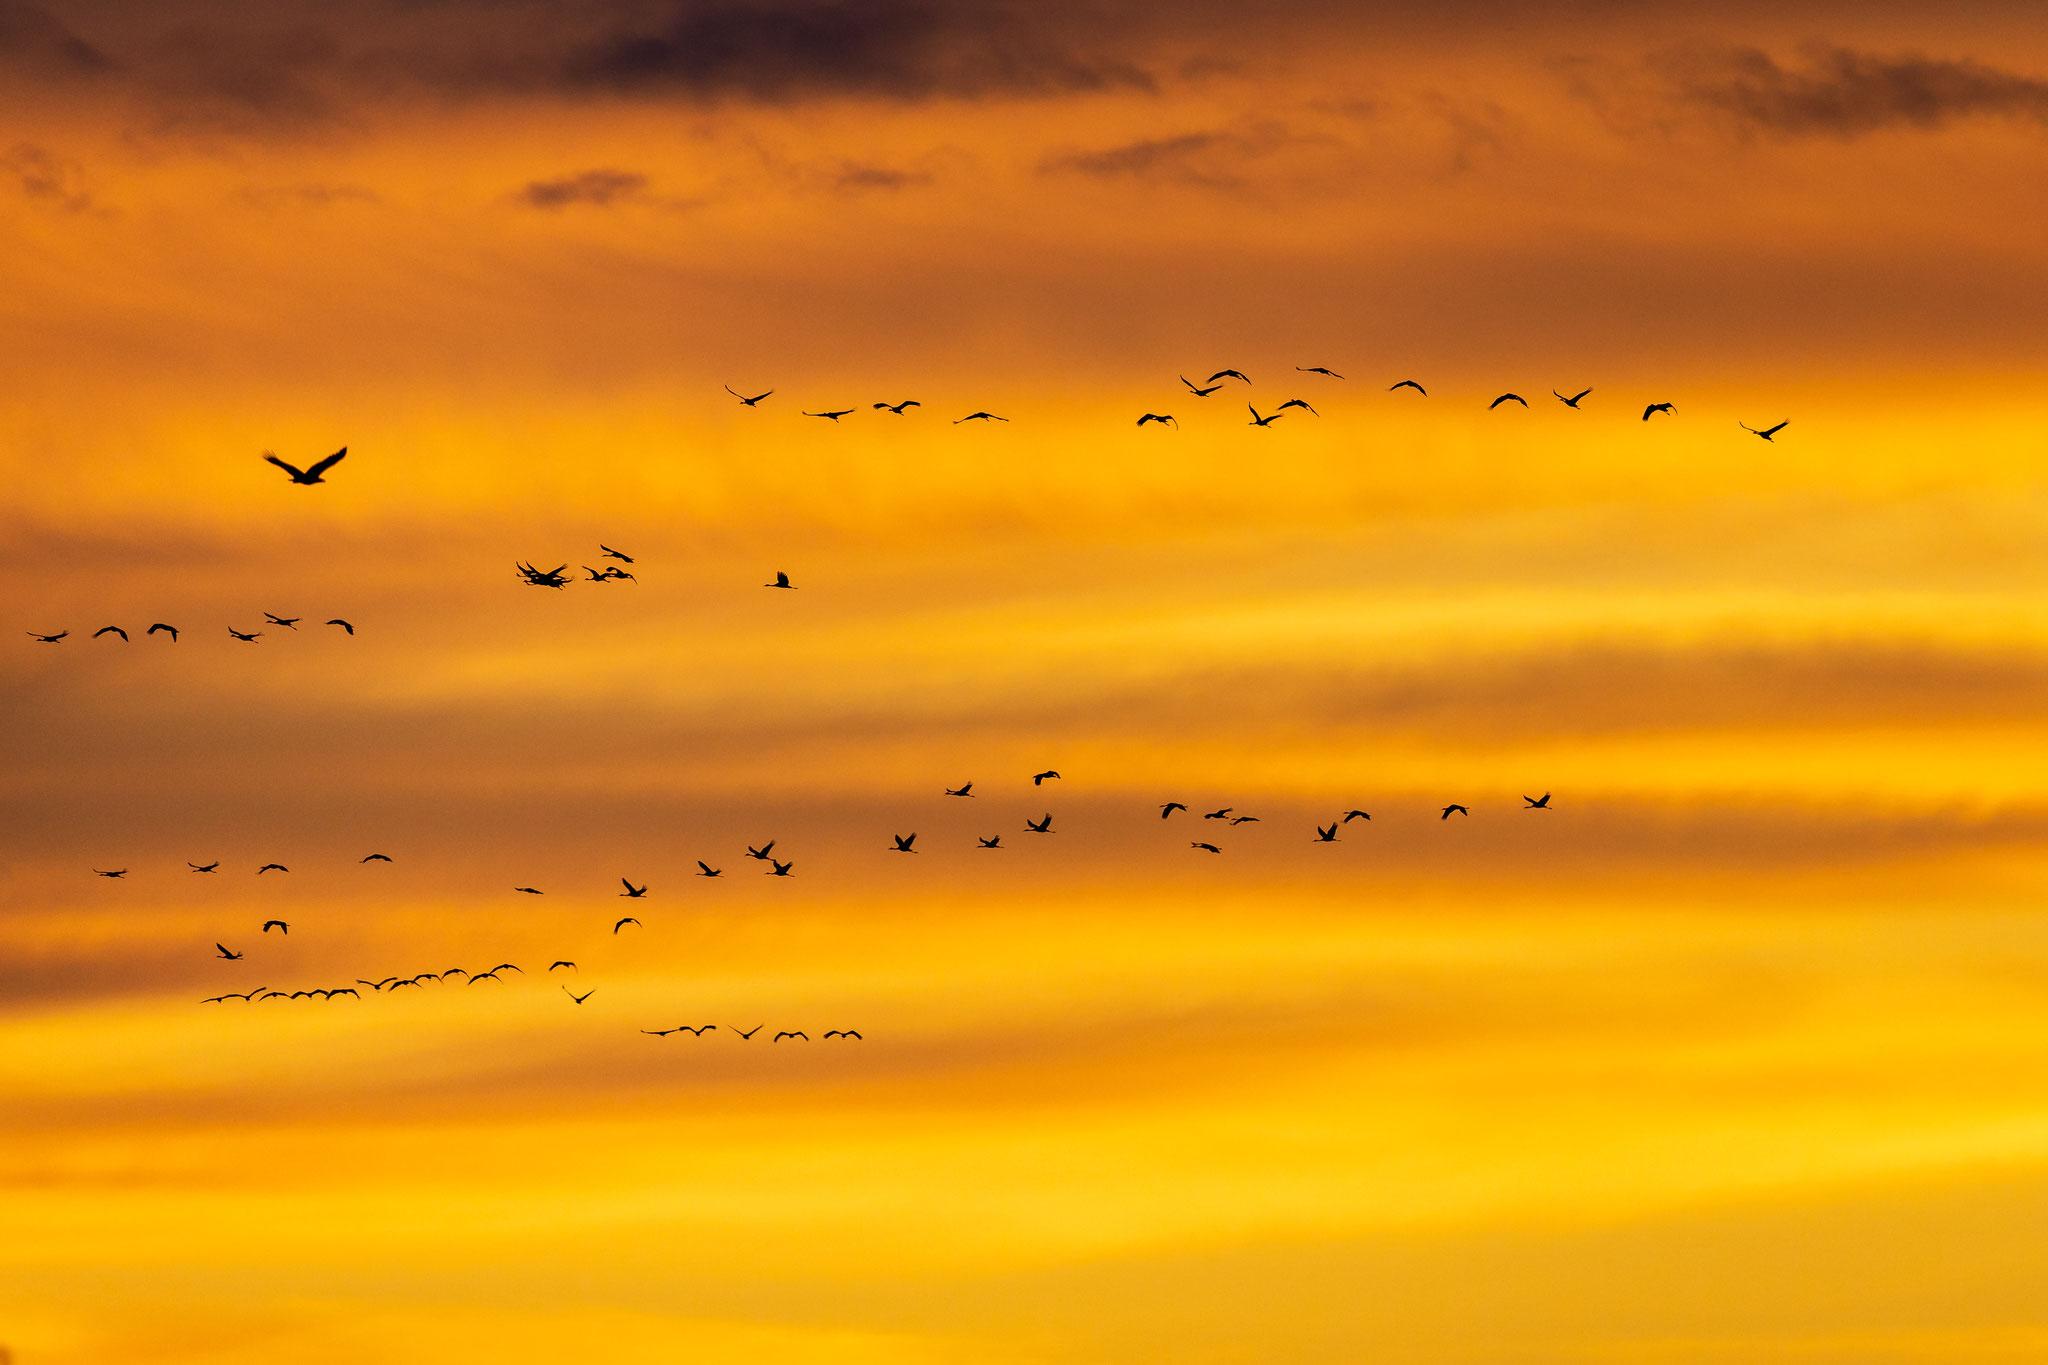 Die Kraniche bieten ein tolles Naturschauspiel, wenn sie bei Sonnenuntergang einfliegen. Links außen zusätzlich ein Seeadler!